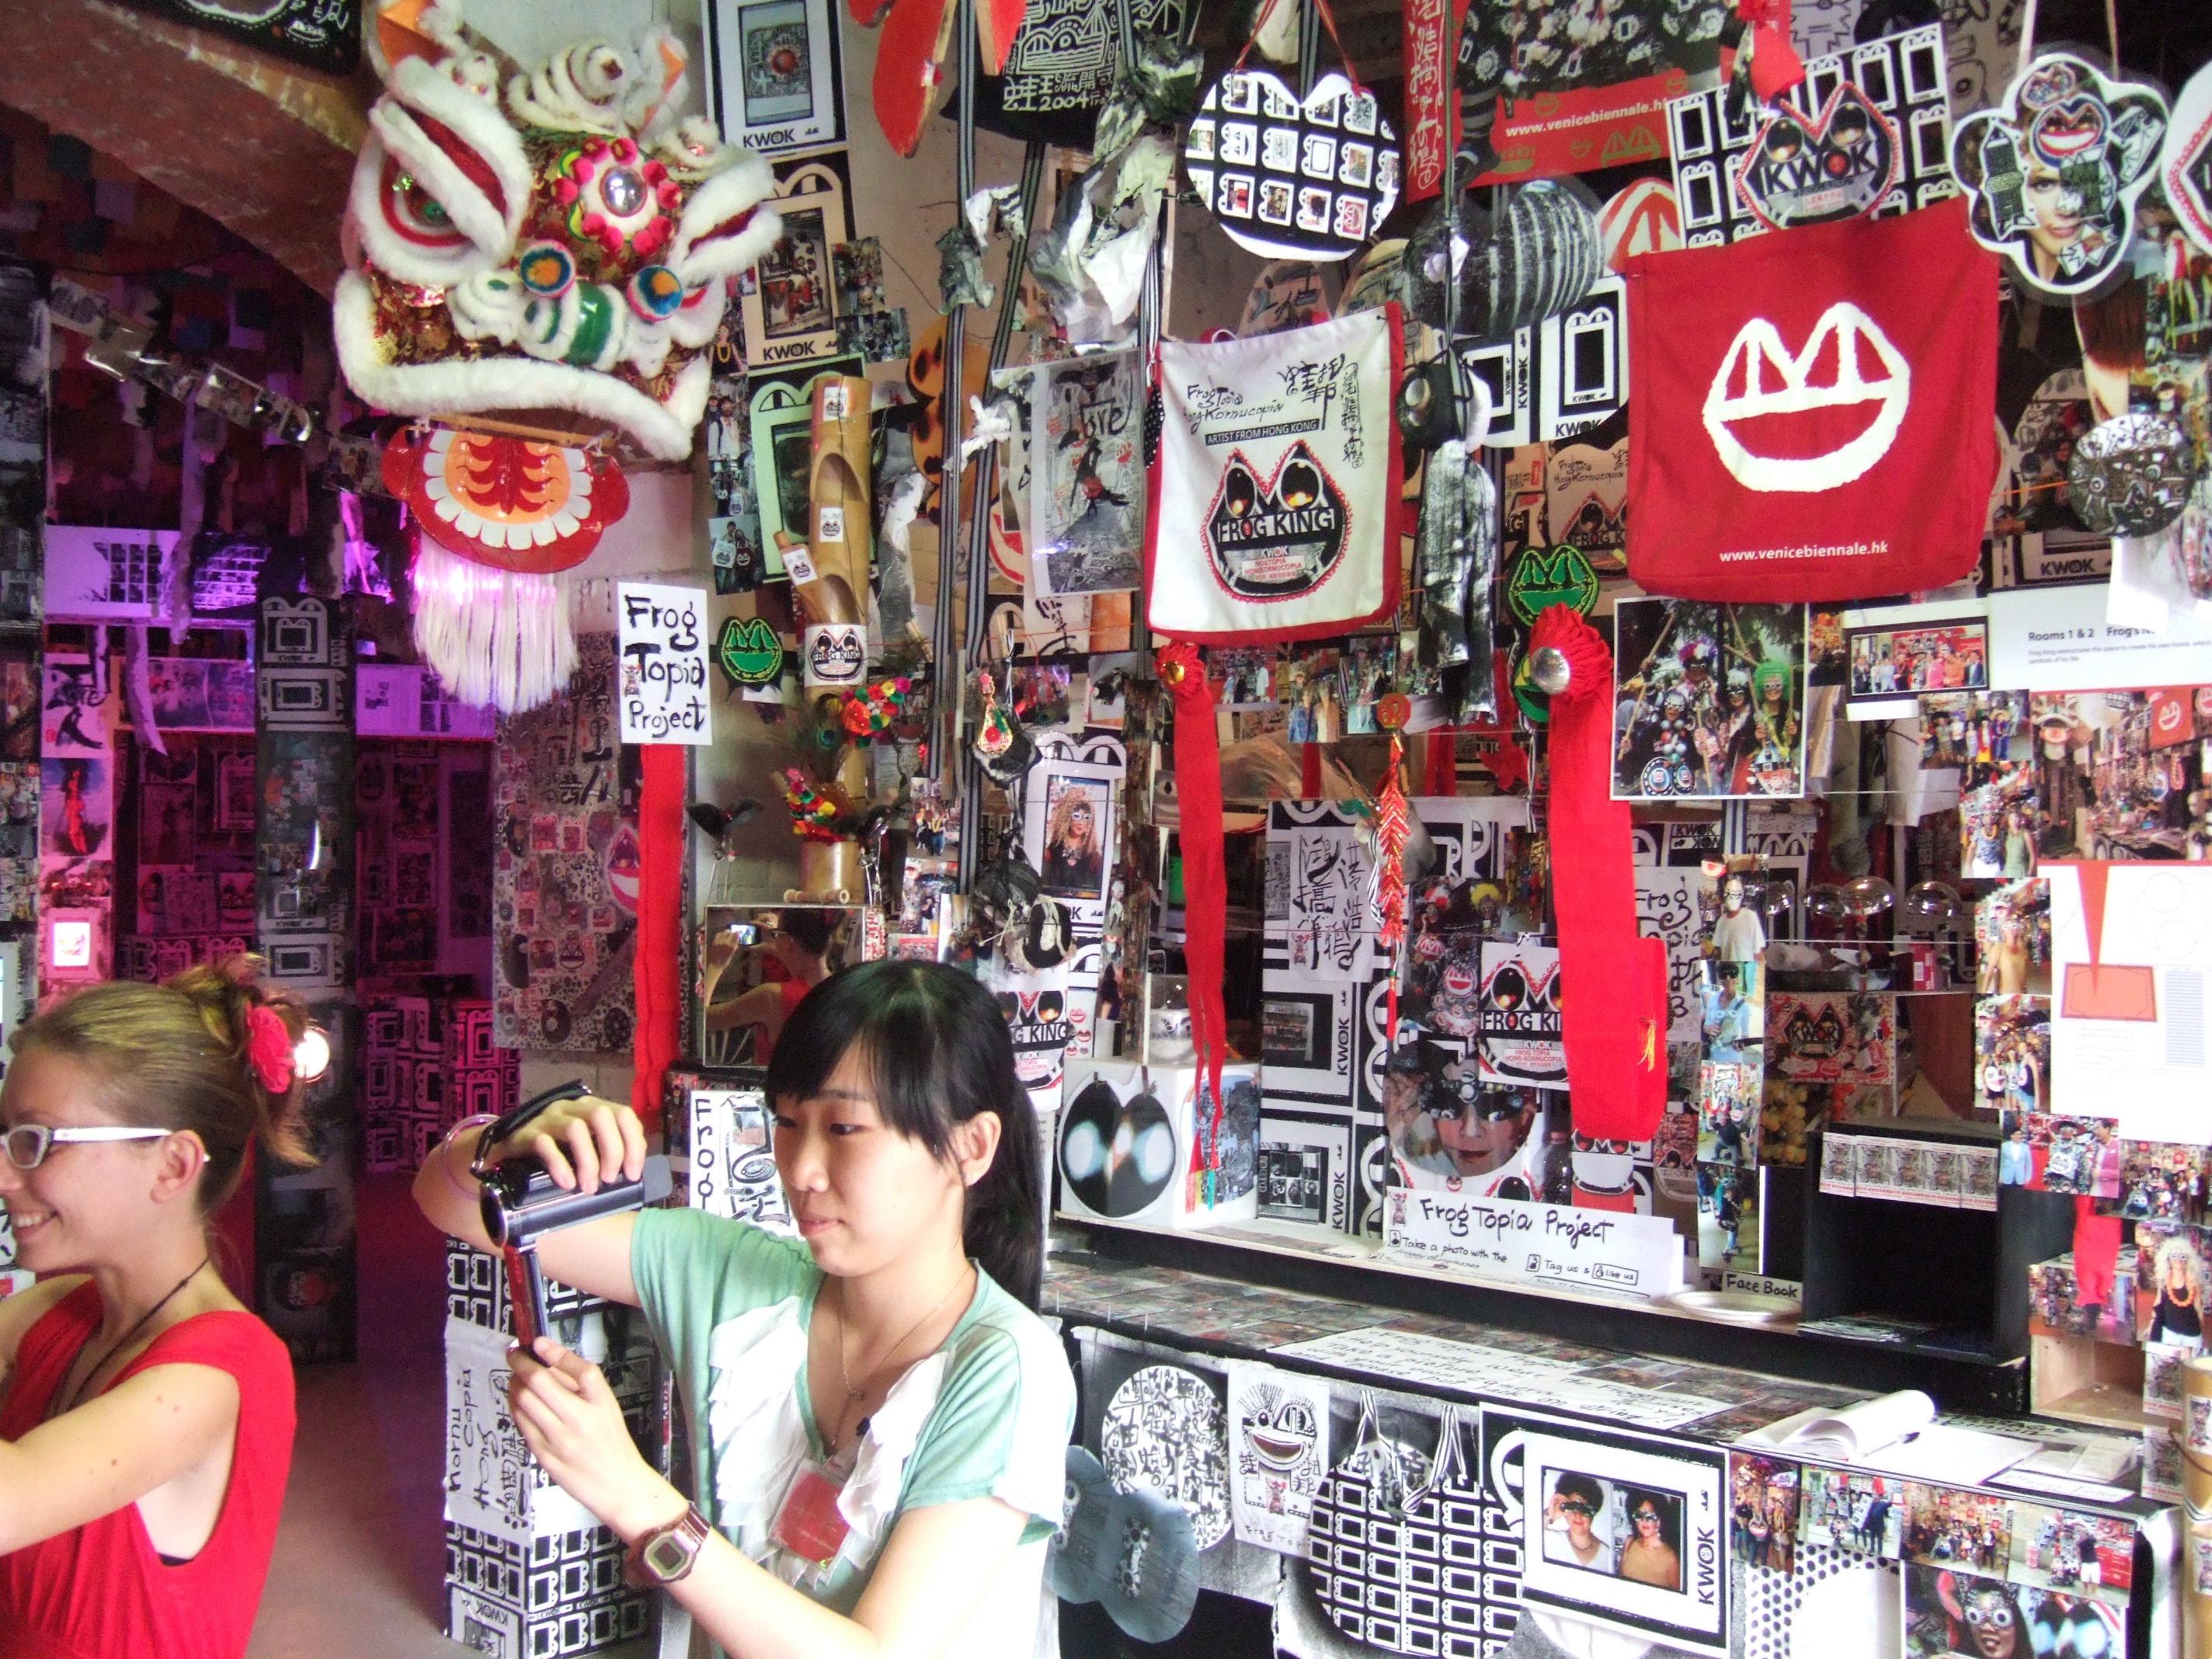 Immagine Chiosco Cinese